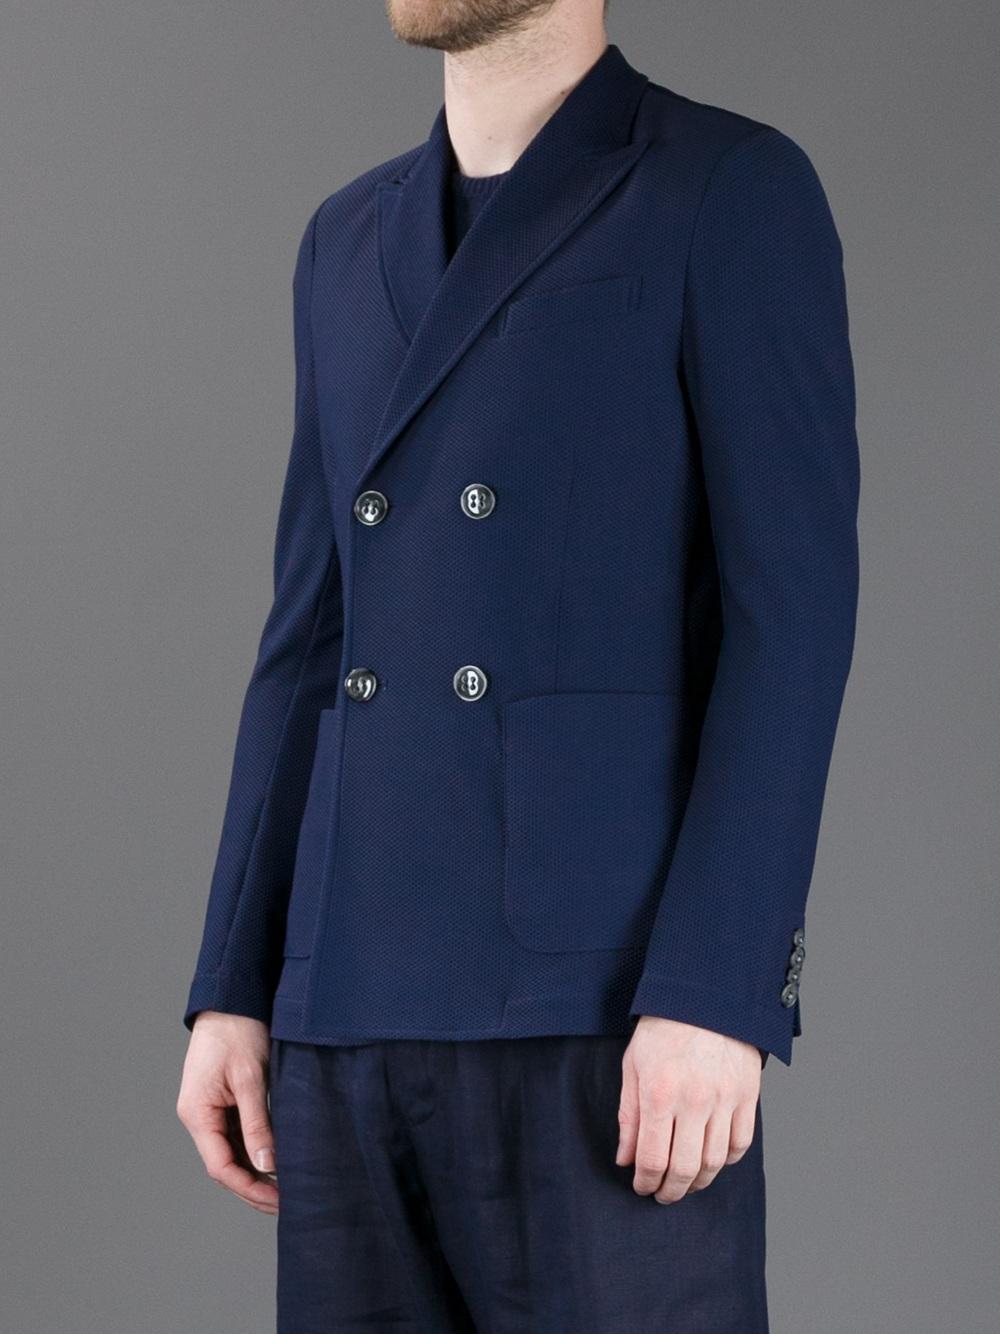 8265d3e969 Giorgio Armani Blue Double Breasted Blazer for men